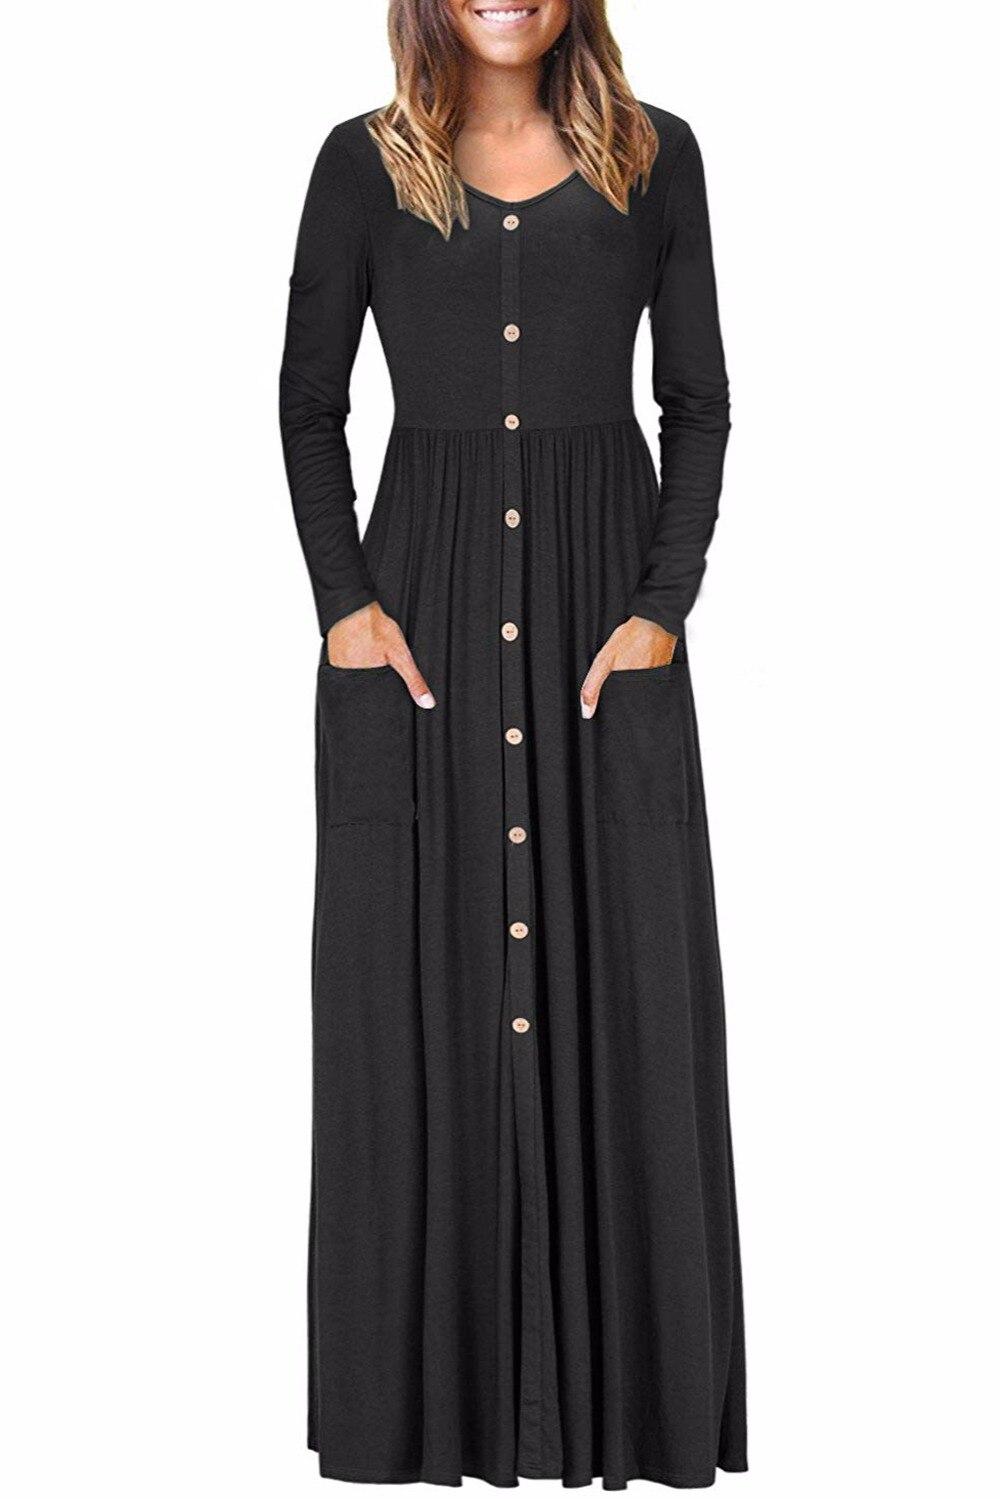 Femmes mode bouton avant élégant longue robe décontracté lâche O cou à manches longues ruché fluide Maxi robe avec poches